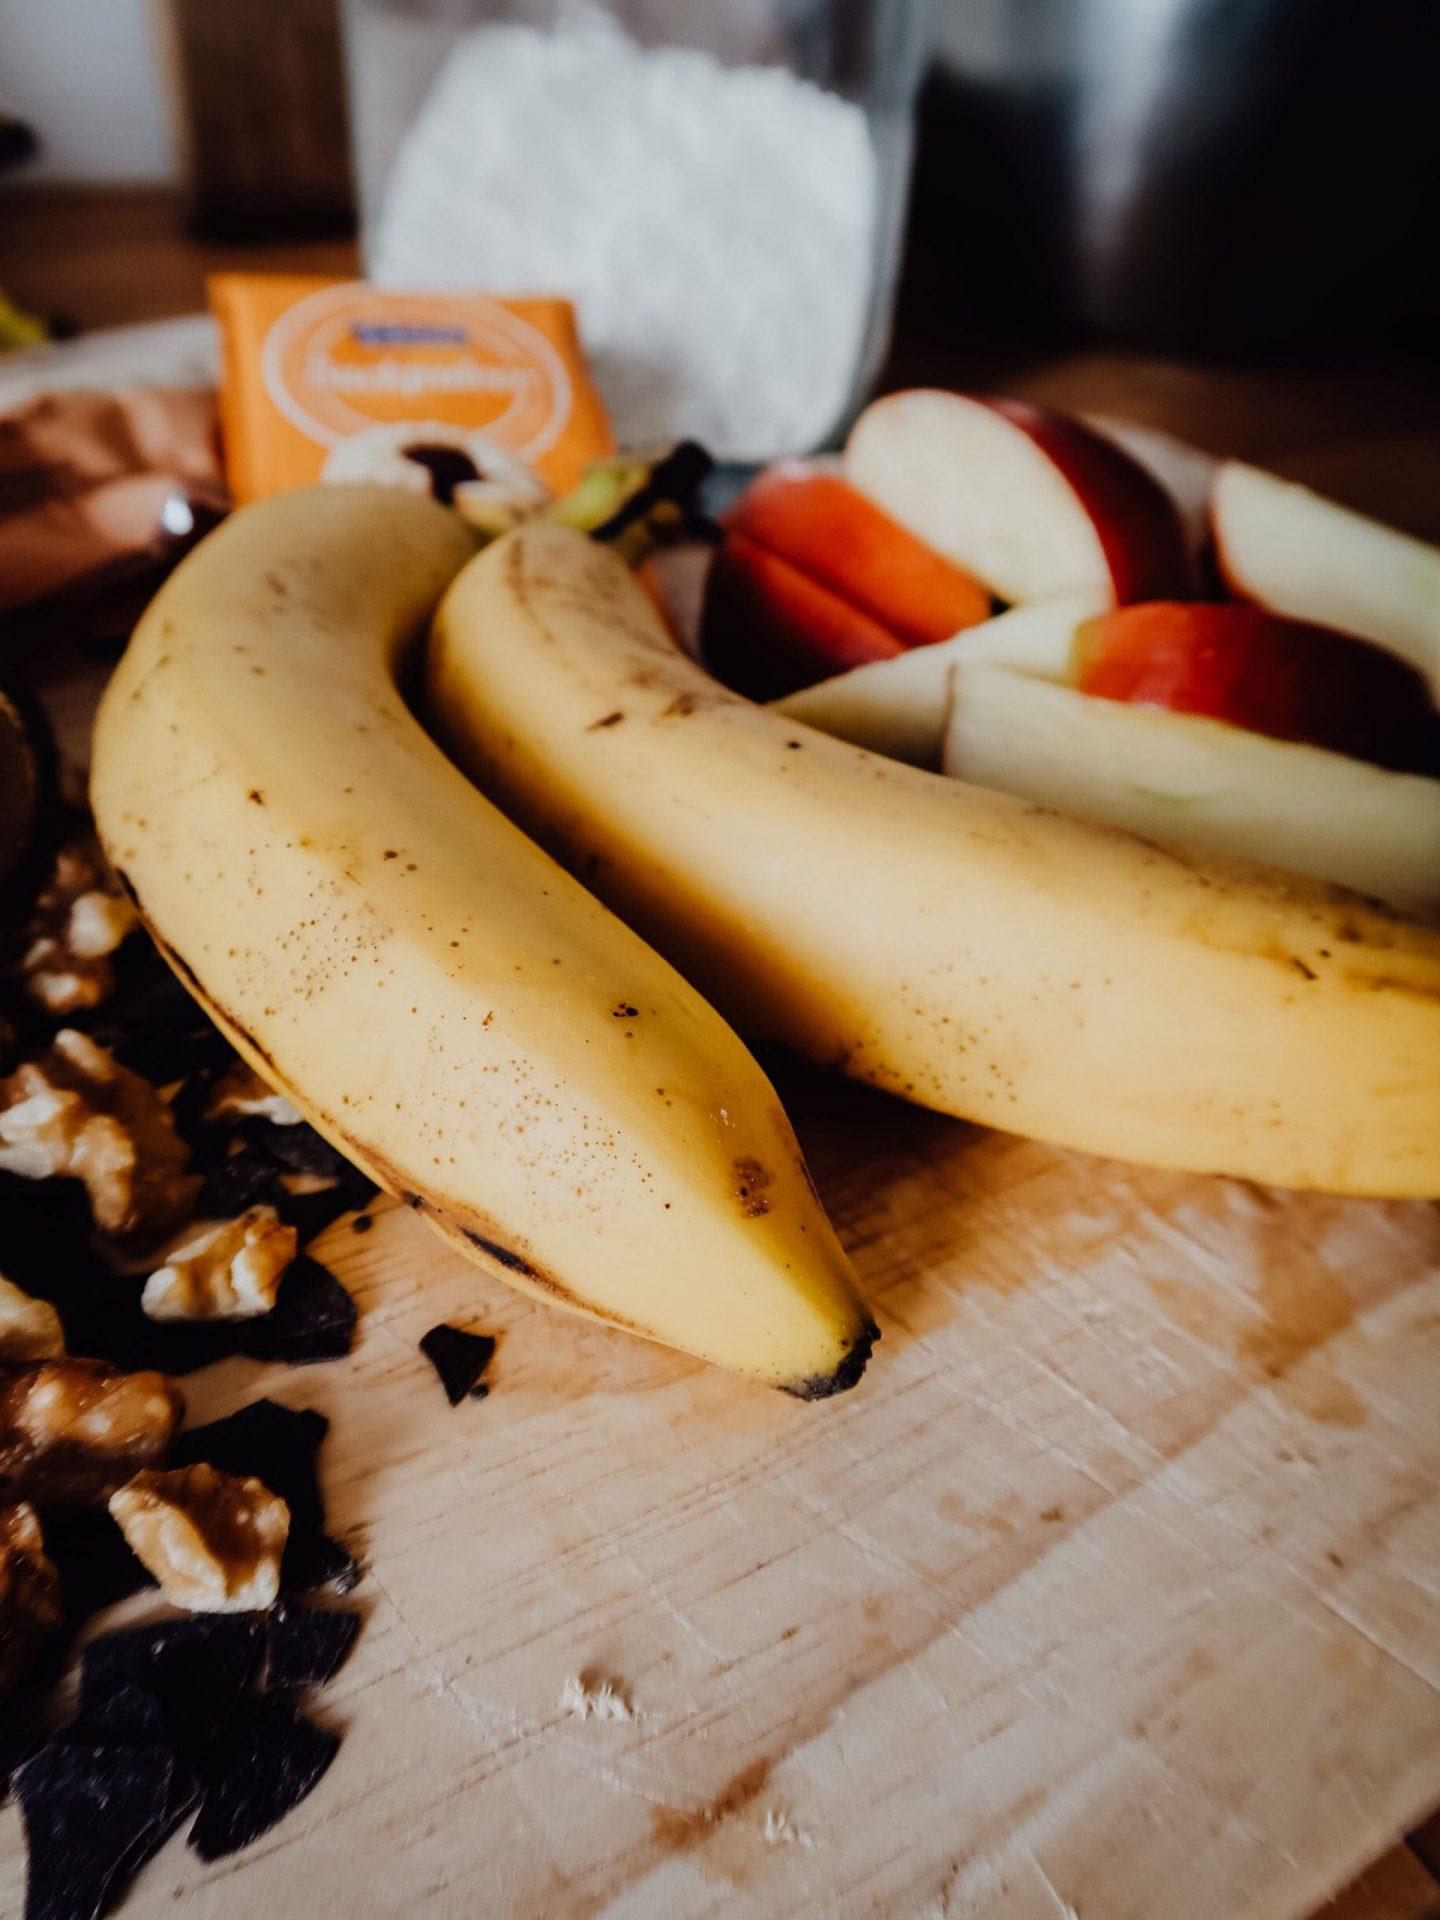 zutaten-titelbild-rezept-lebenahoi-rezept-bananenbrot-vegan-zuckerfrei-lecker-schnell-backen